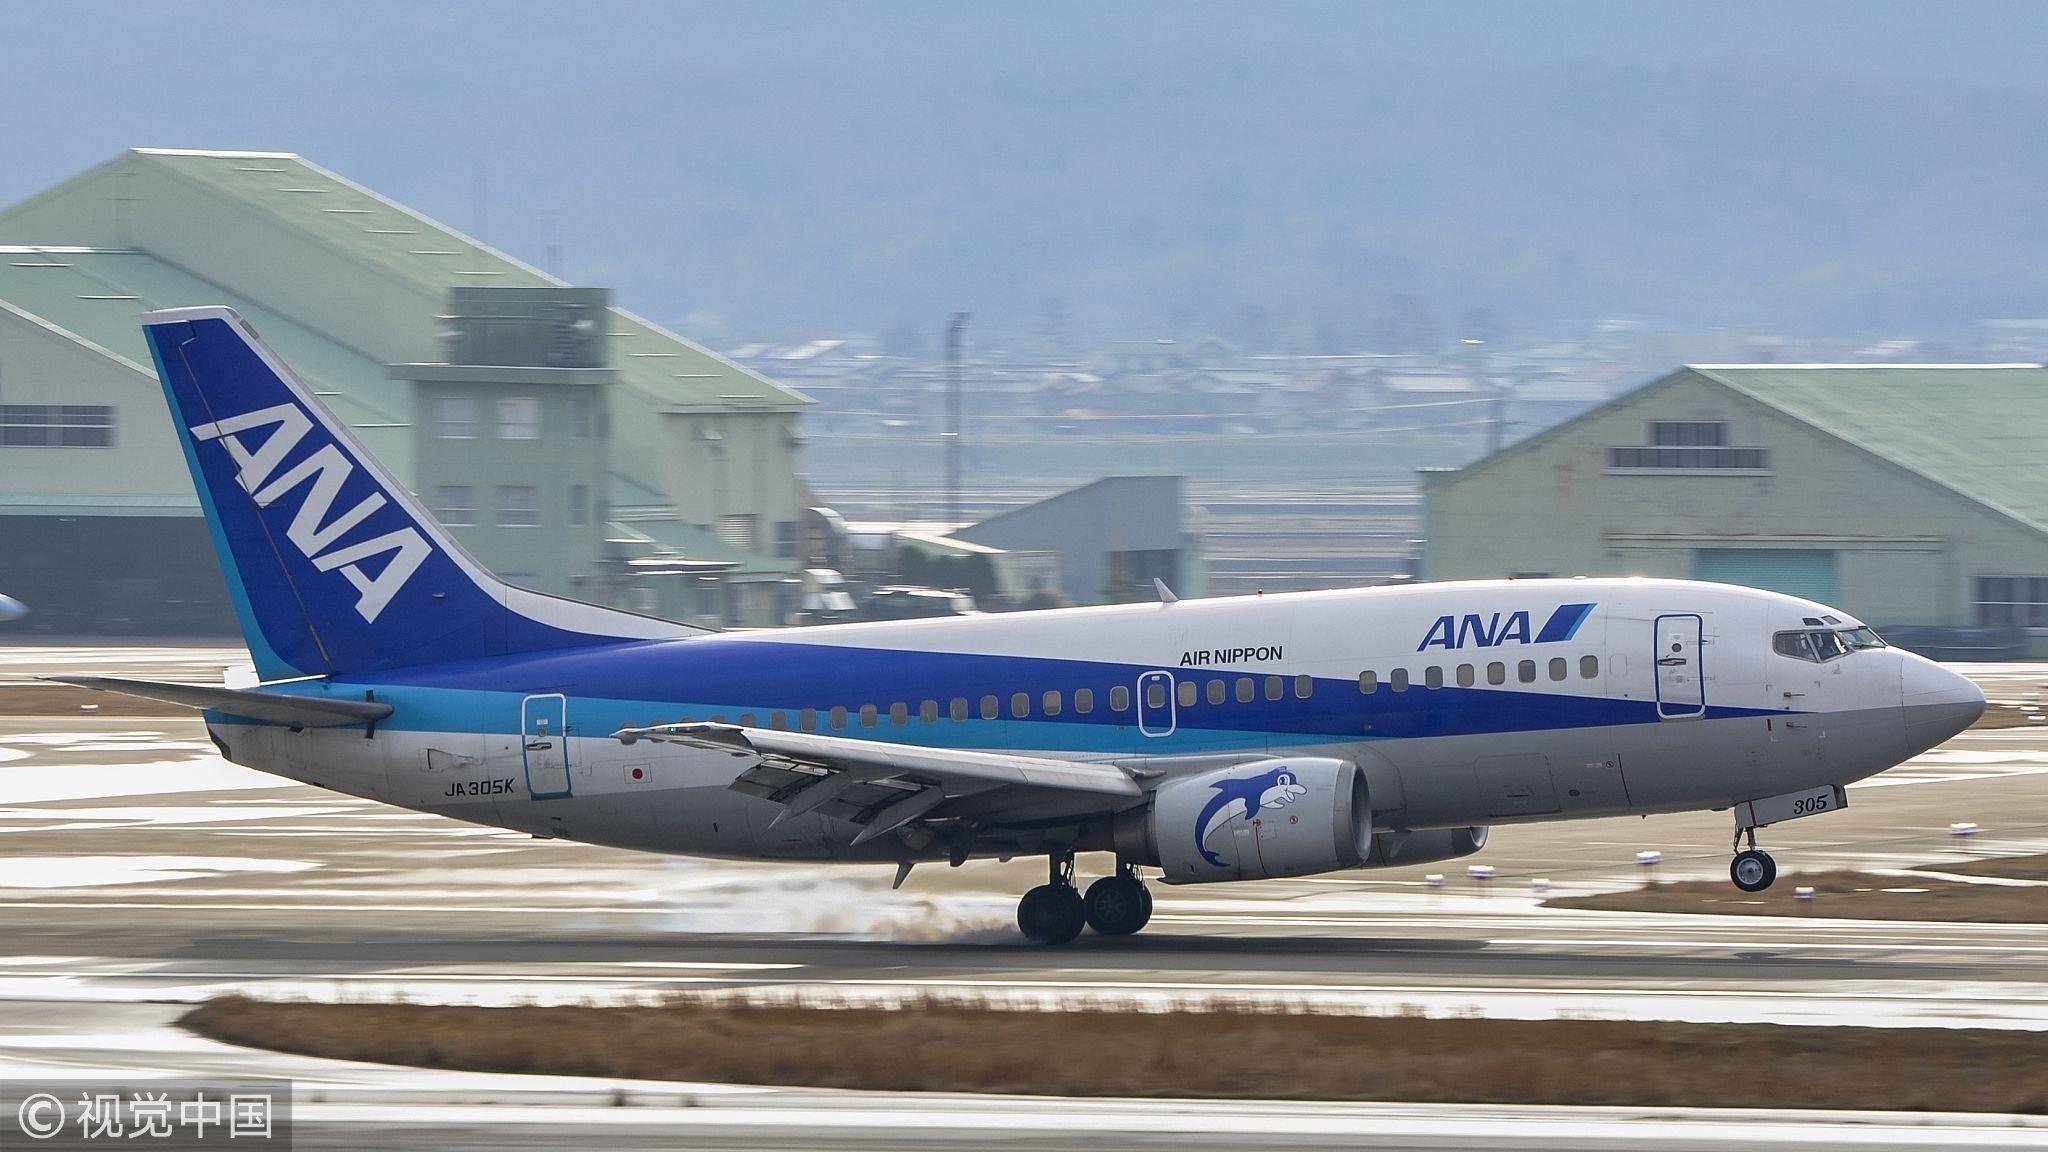 日本全日空曝旗下飞行员饮酒 导致国内航班延误